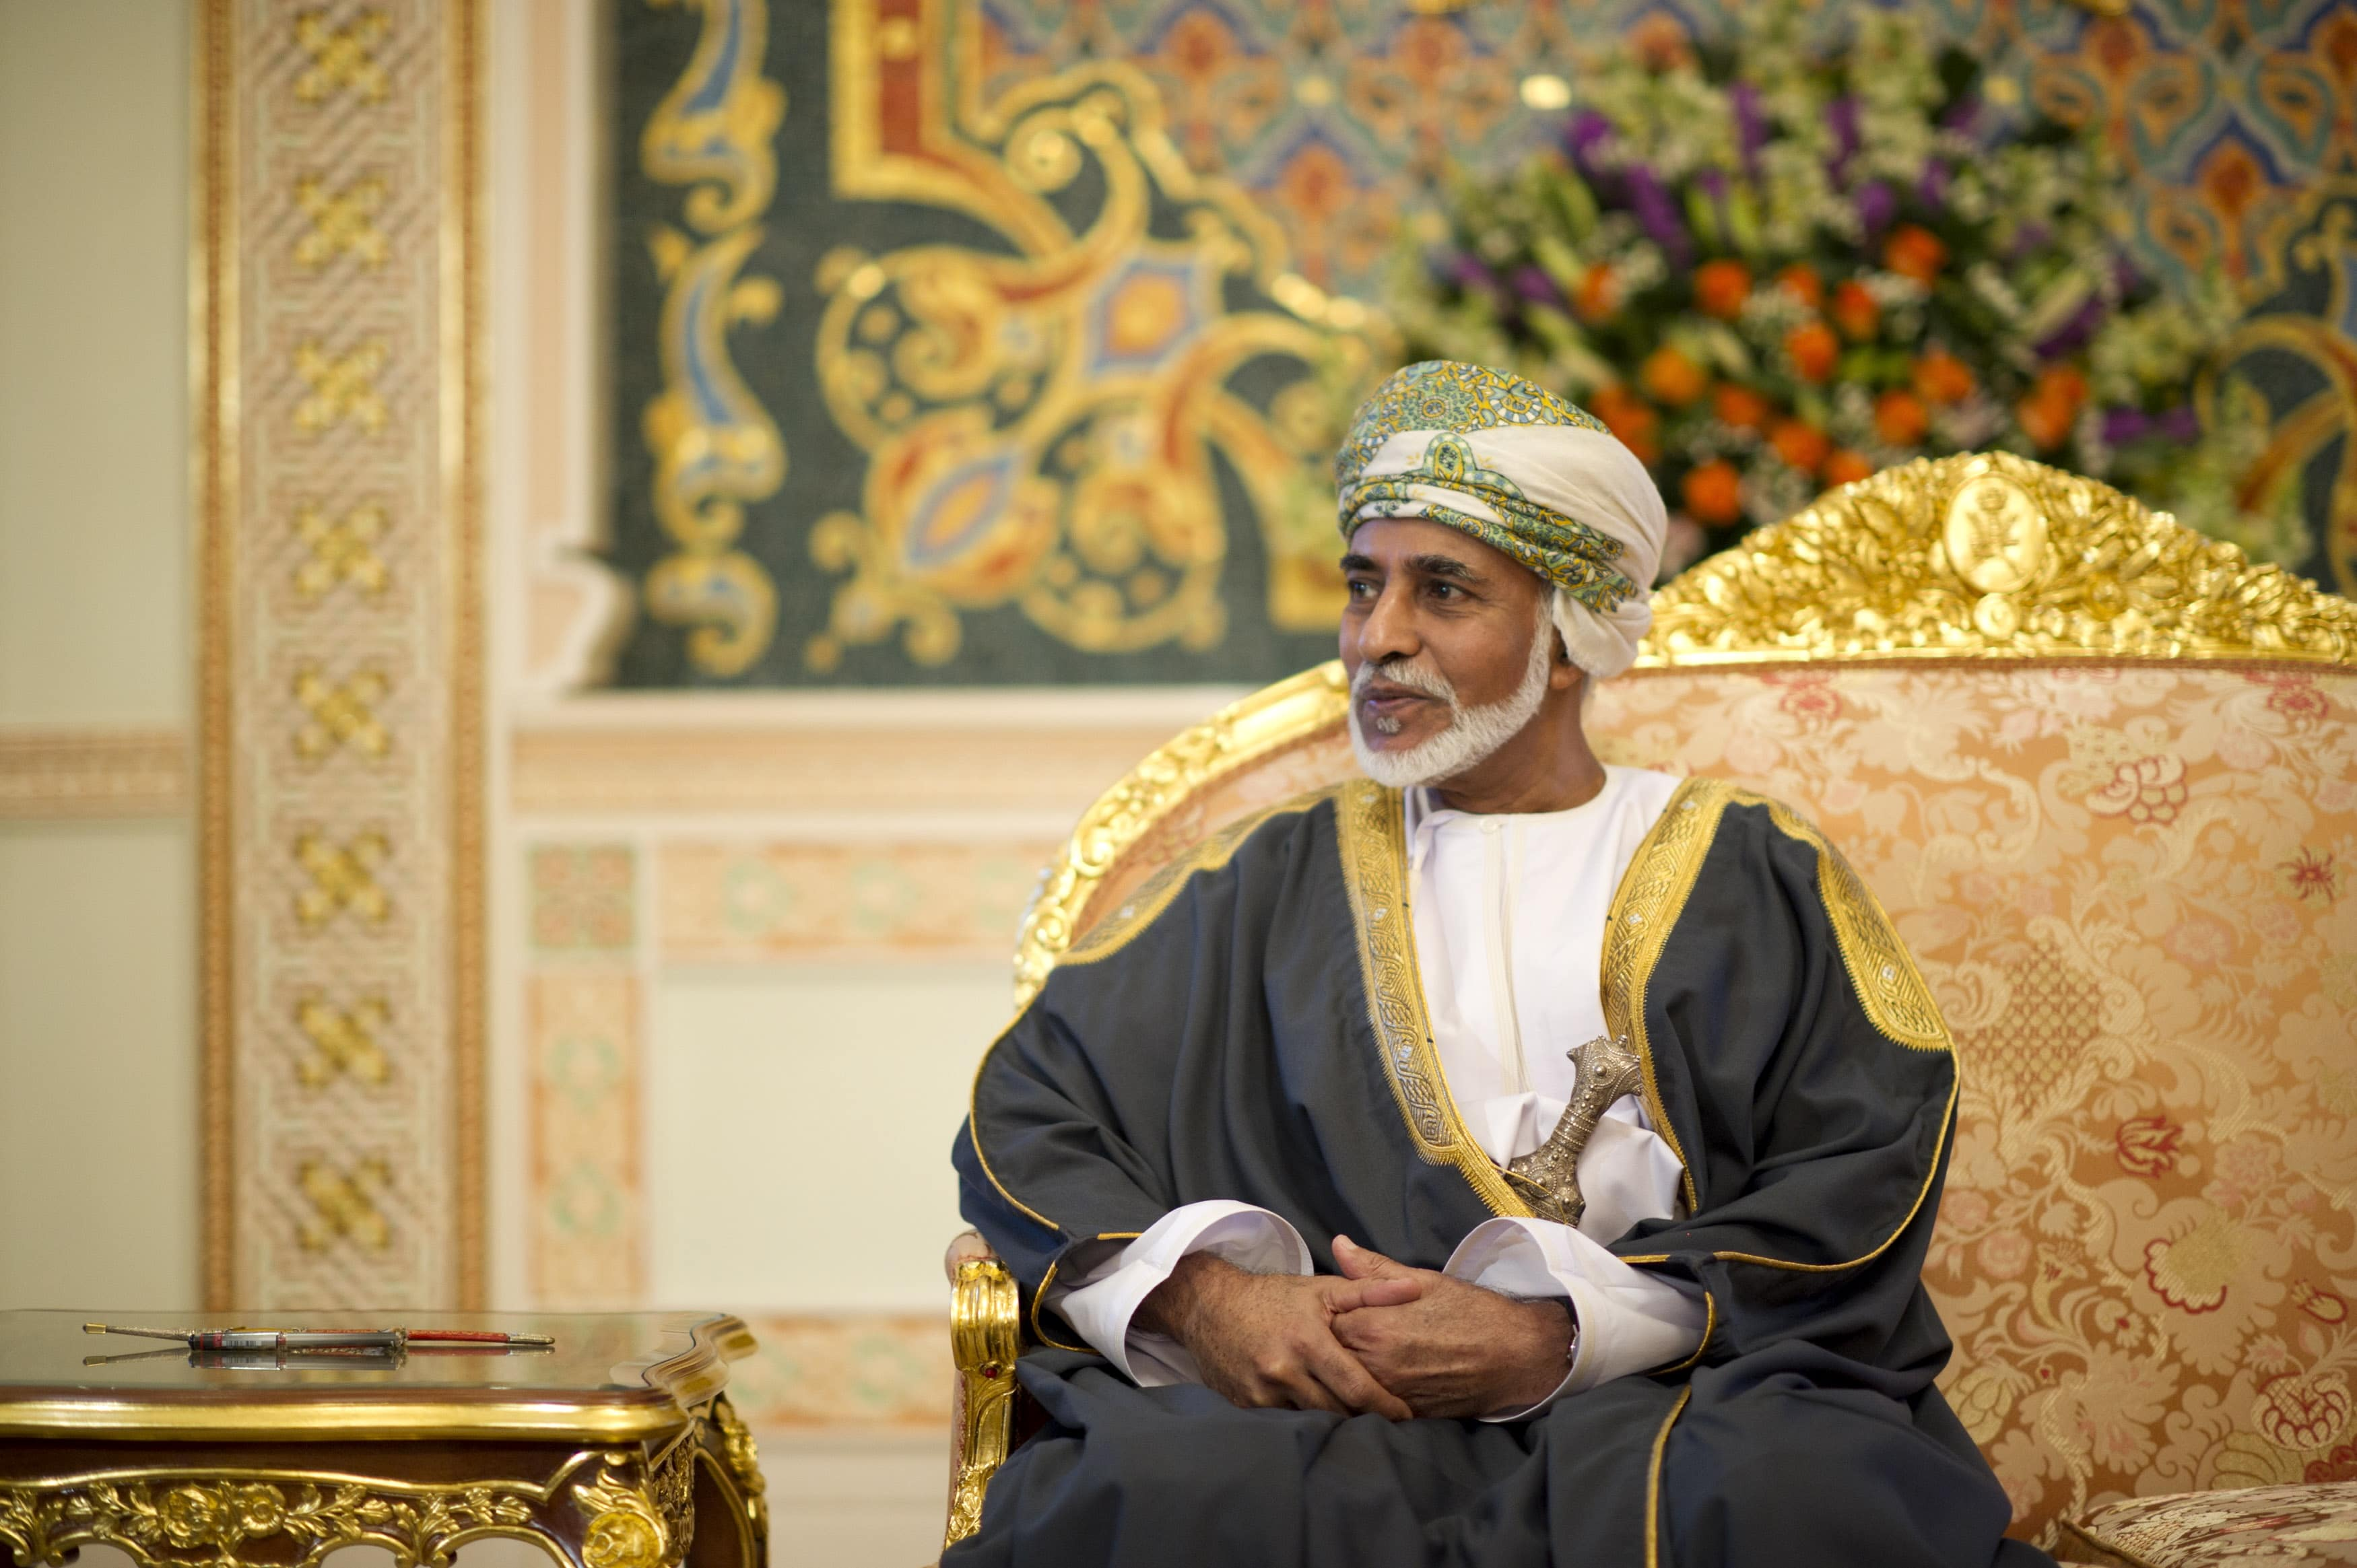 يوم المعلم في سلطنة عمان يتحول لتظاهرة في حب السلطان قابوس